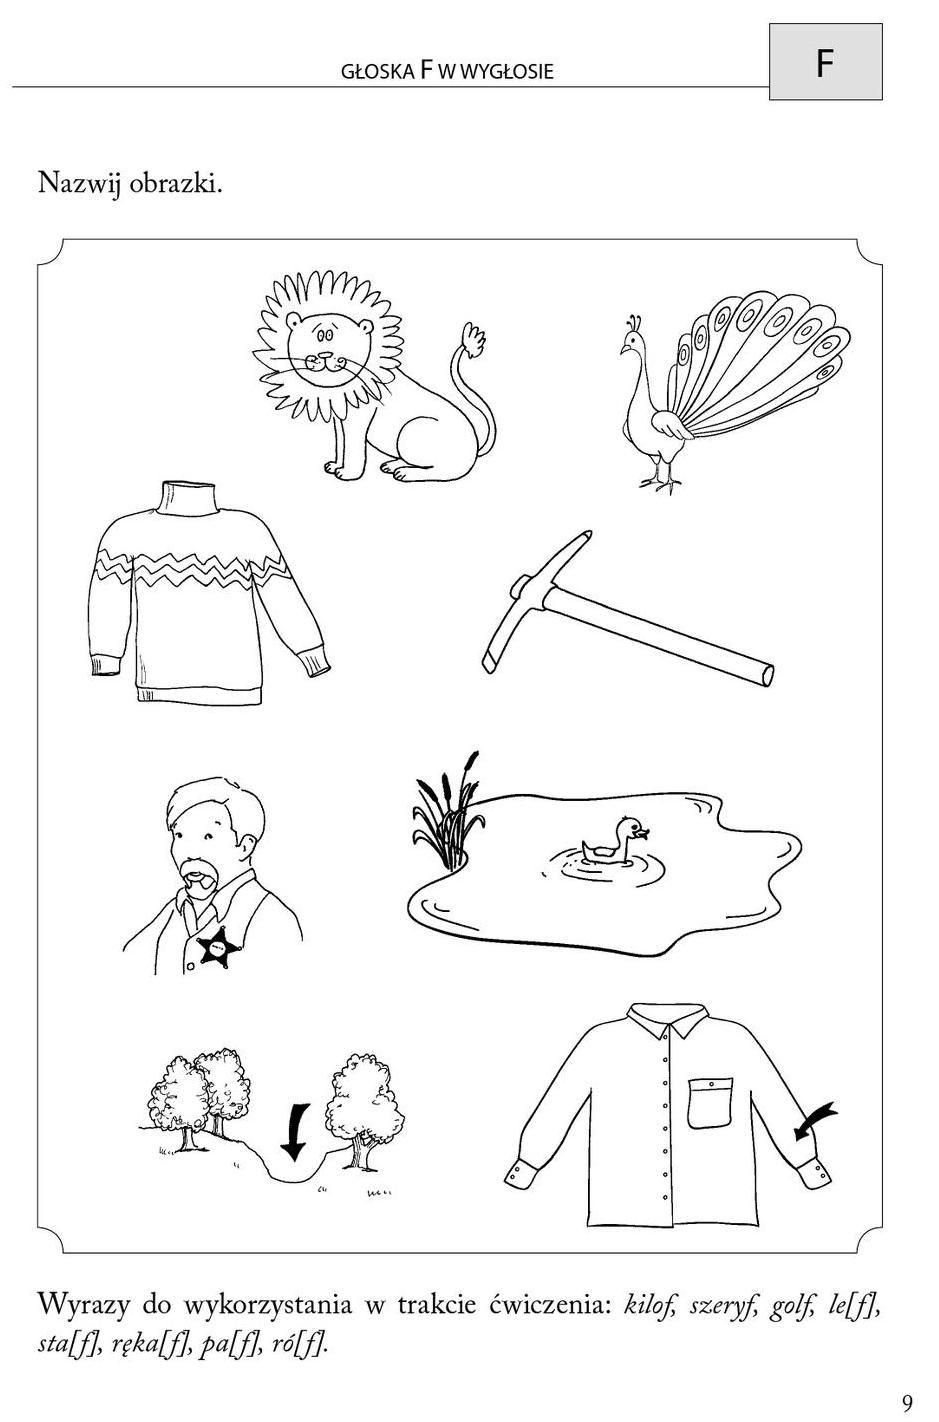 Obrazkowe Cwiczenia Logopedyczne Dla Przedszkolakow Counting Worksheets Worksheets Printable Numbers